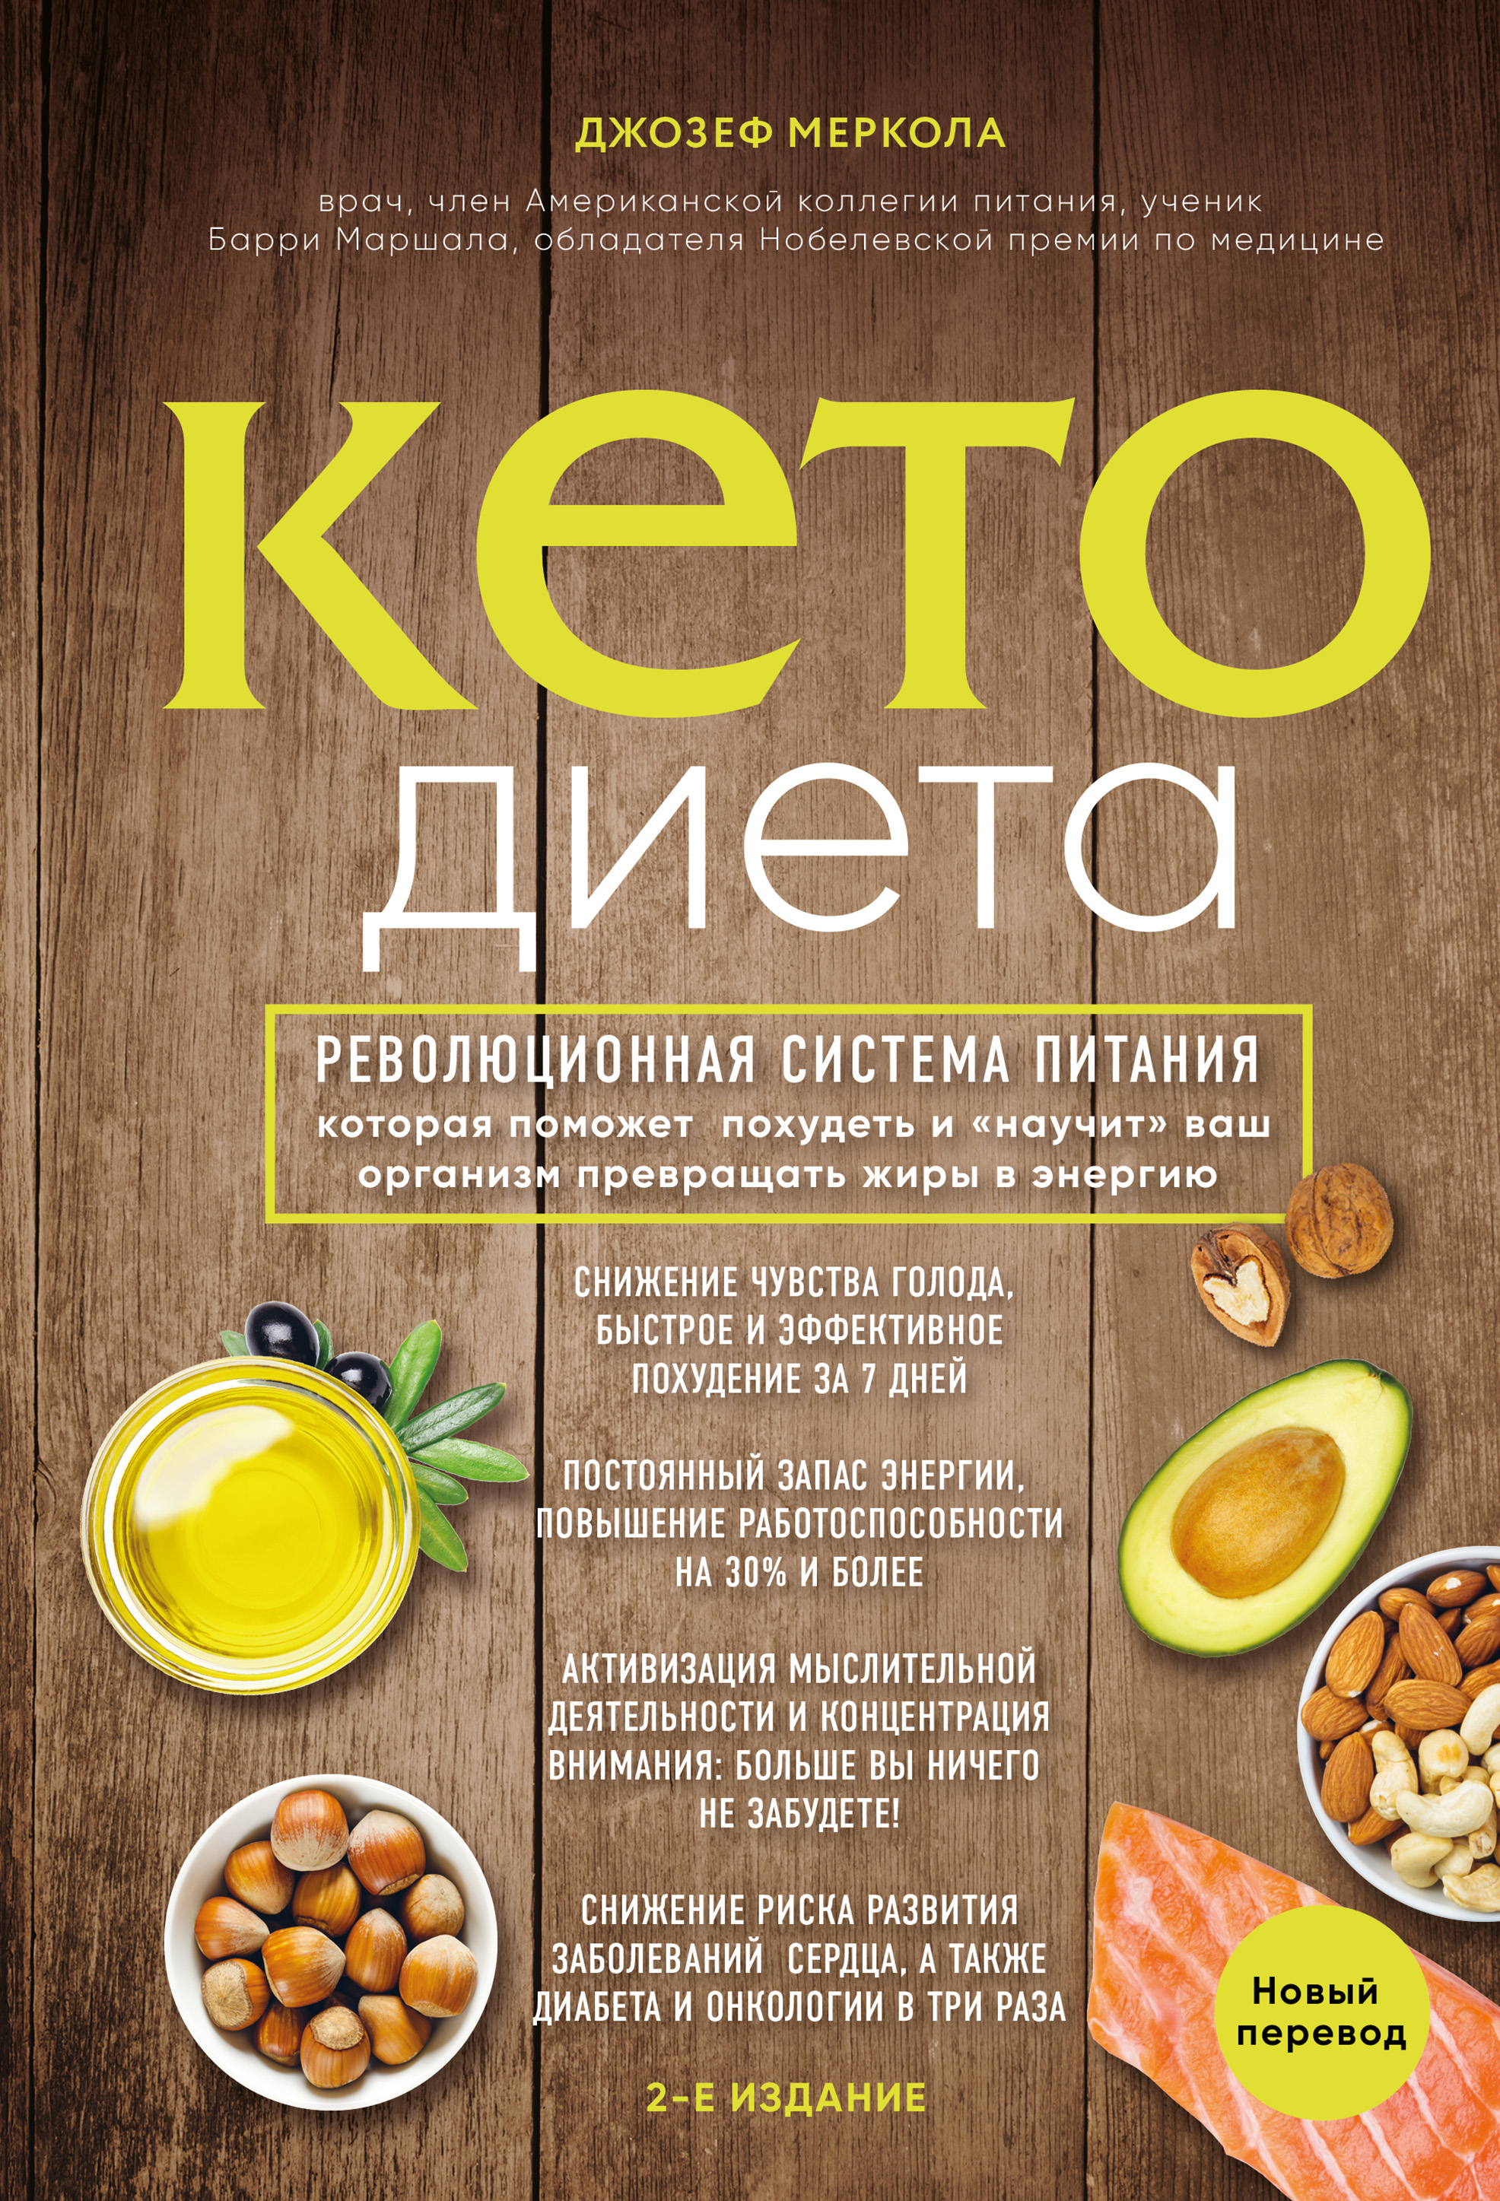 Кето-диета. Революционная система питания, которая поможет похудеть и «научит» ваш организм превращать жиры в энергию